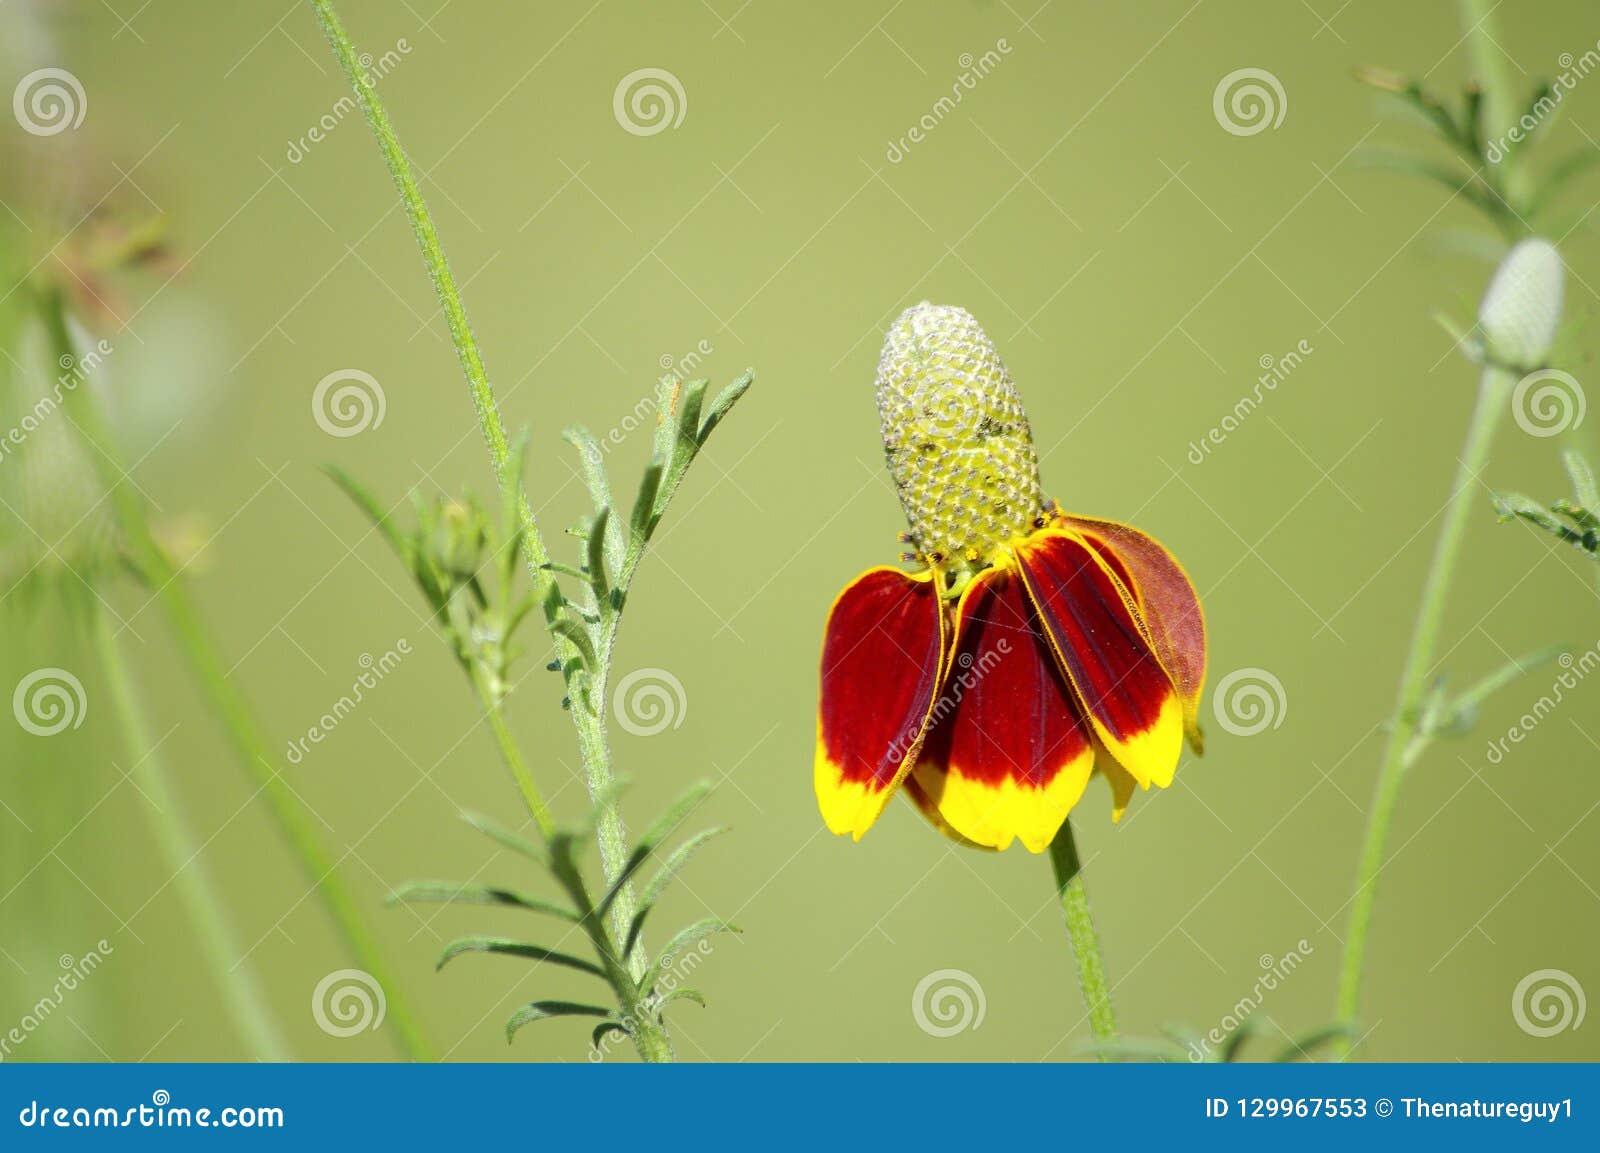 Flor do dedal igualmente conhecida como o chapéu mexicano, flores em Texas Hastes magros longas com flor amarela e alaranjada